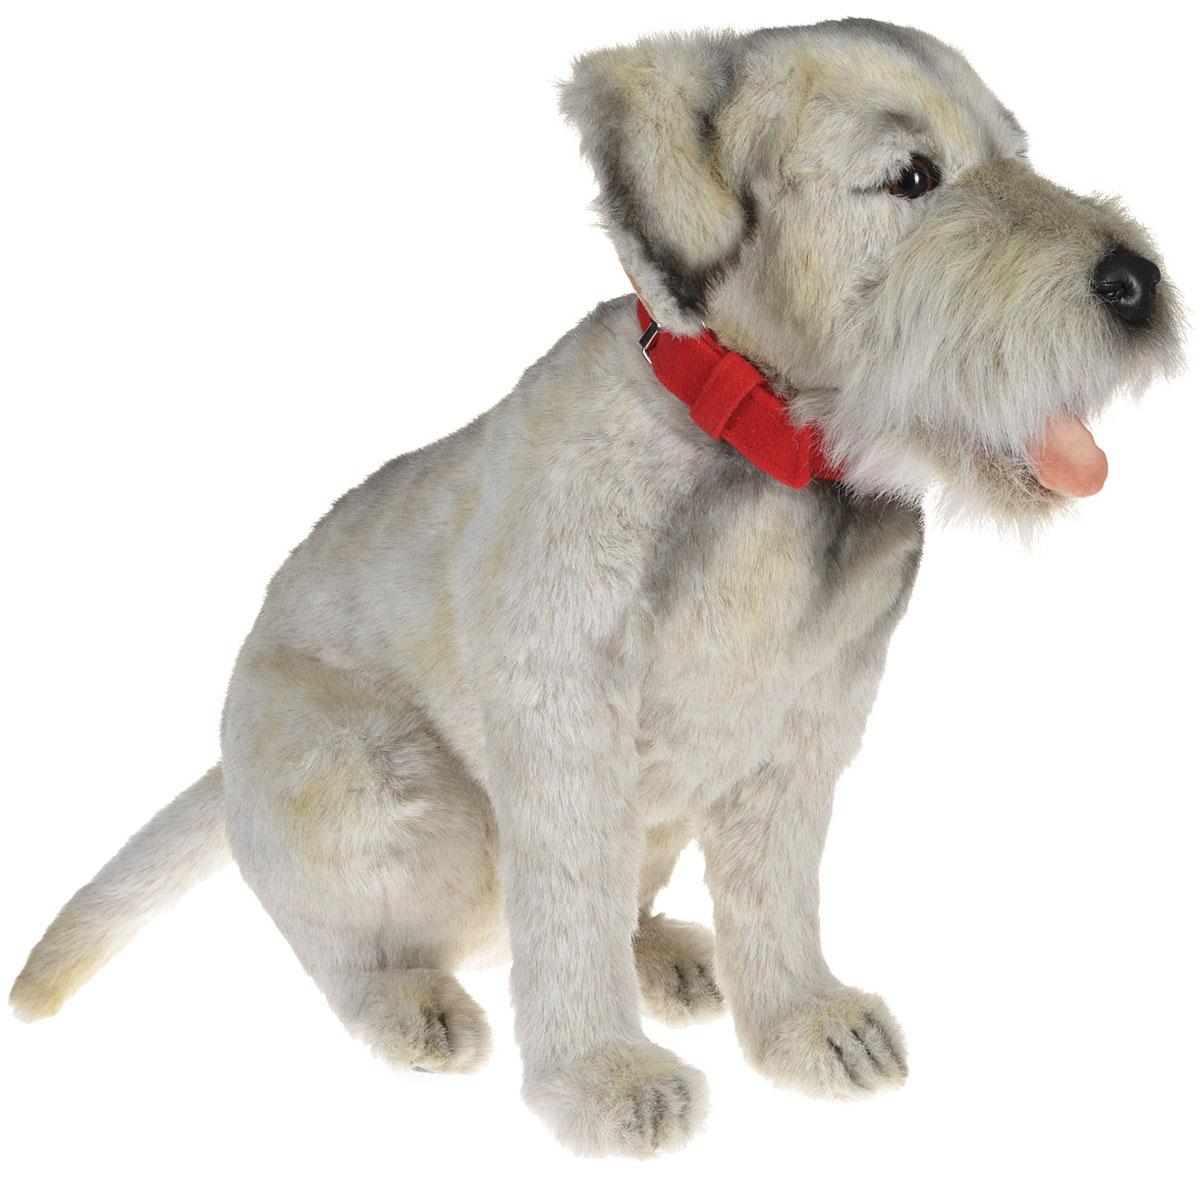 Hansa Toys Мягкая игрушка Бордер-терьер 44 см4568Мягкая игрушка Hansa Toys Бордер-терьер выполнена в виде охотничьей собаки породы бордер-терьер. Судя по названию, бордер-терьер происходит из пограничных районов Англии и Шотландии (англ. border - граница), где эти небольшие и выносливые собаки использовались для охоты на барсуков и лисиц. При этом они должны были быть достаточно малы, чтобы проникать в норы этих животных, и к тому же иметь достаточно длинные ноги, чтобы не отставать от лошадей. Бордер-терьер должен был, кроме того, иметь такую шерсть, которая защищала бы его от холода, влаги и ран. От него требовалась также определенная резкость, необходимая для охоты на мелких хищных зверей. Поскольку собаки использовались преимущественно в стае, они прекрасно ладят друг с другом. Игрушка изготовлена из искусственного меха с набивкой из полиэфирного волокна и металлическим каркасом. С таким другом можно устроить любую увлекательную сюжетно-ролевую игру. Удивительно мягкая игрушка принесет радость и подарит своему...